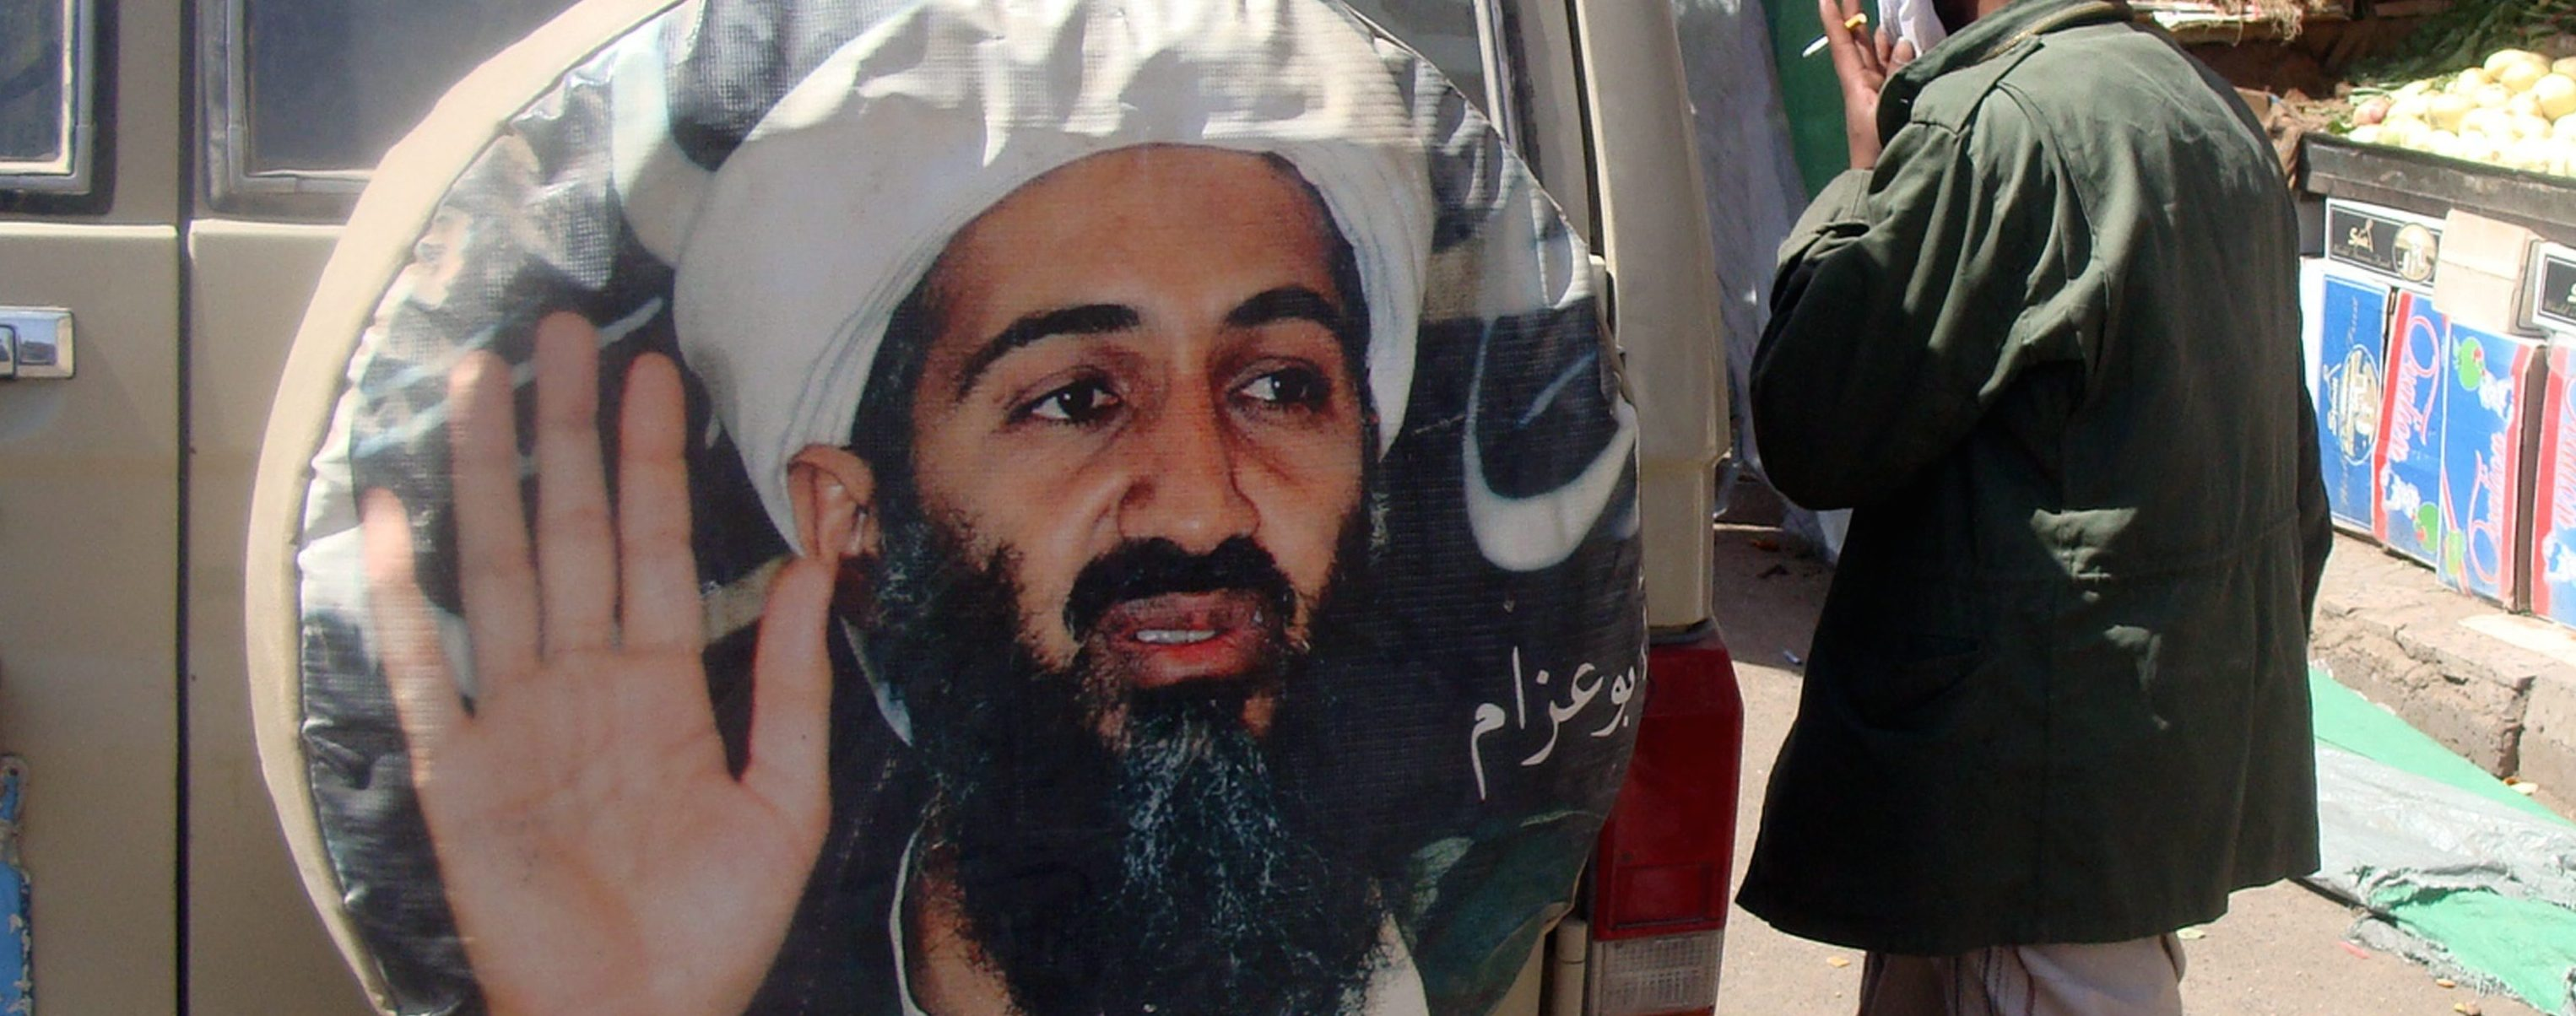 Osama bin Laden riprodotto su un pullman